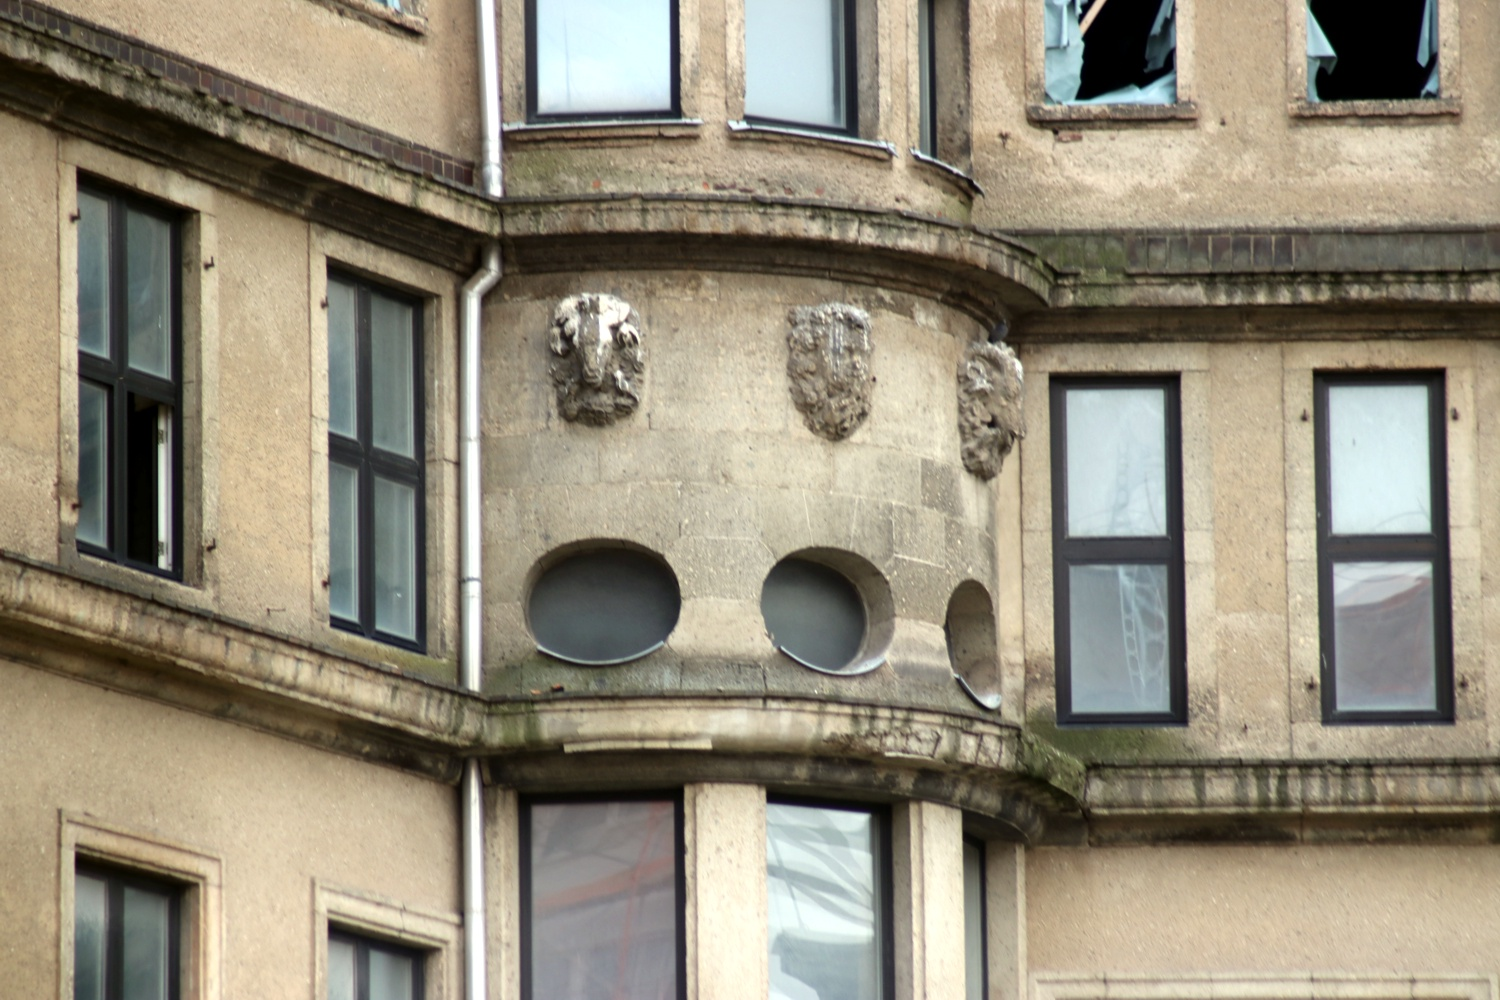 Alte Ornamente zeigen vom Regen verwaschene Löwenköpfe zum ehemaligen Innenhof hin. Foto: LZ